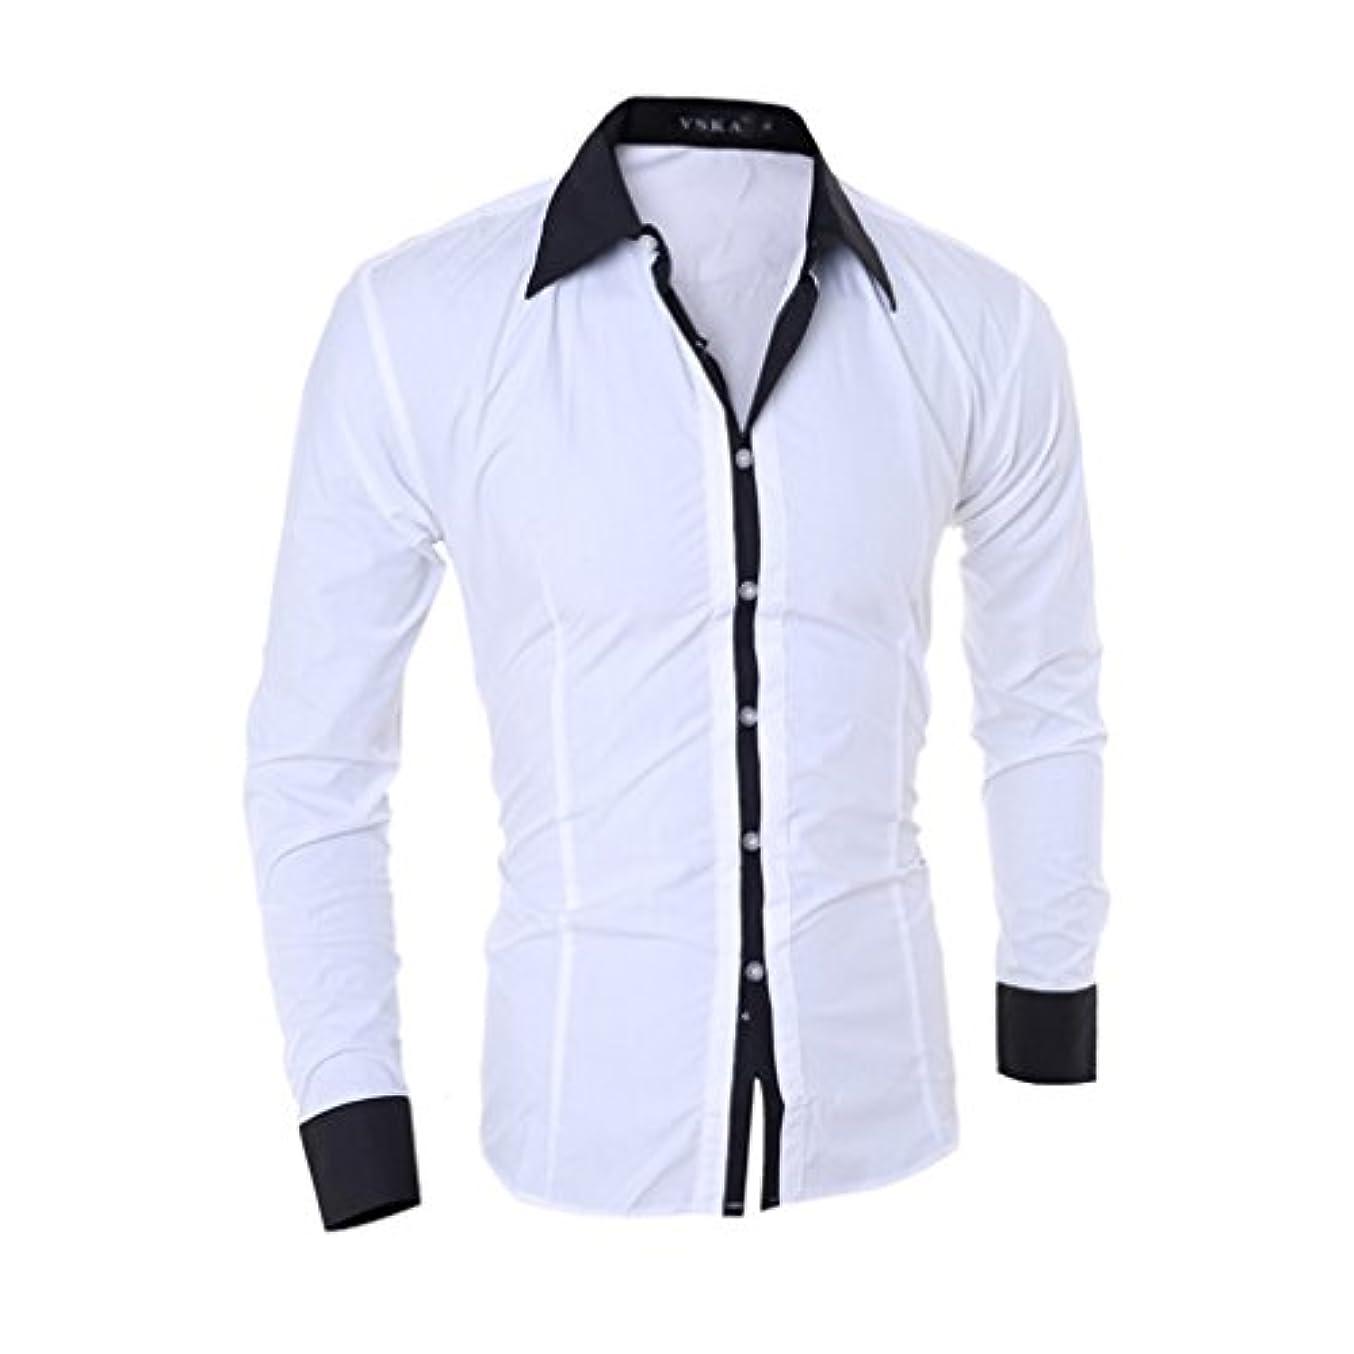 クロール民兵廃棄するHonghu メンズ シャツ 長袖 スリム カジュアル ホワイト L 1PC